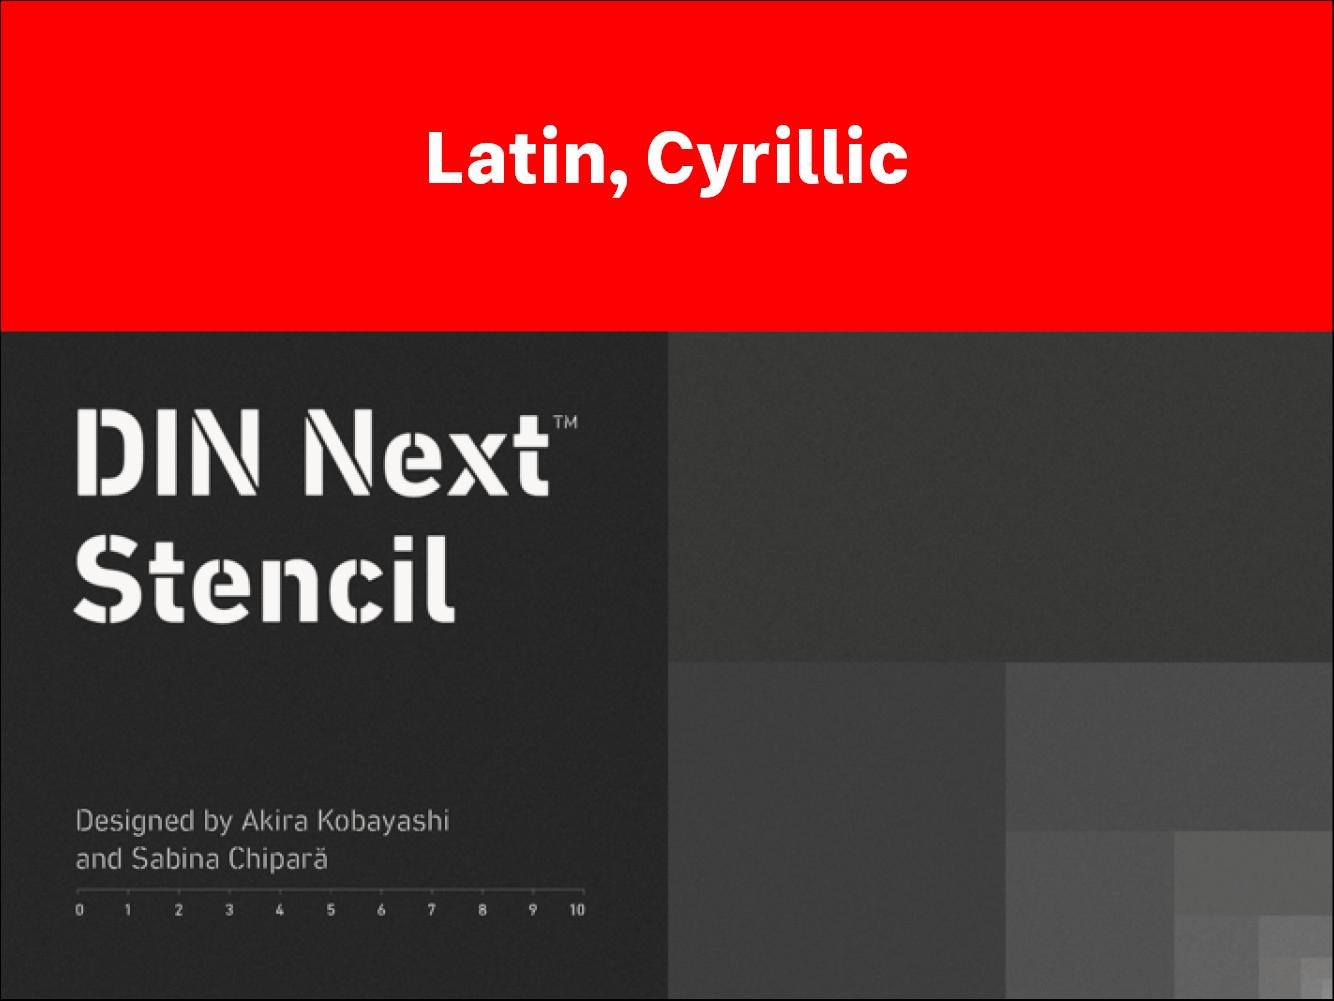 DIN Next™ Stencil